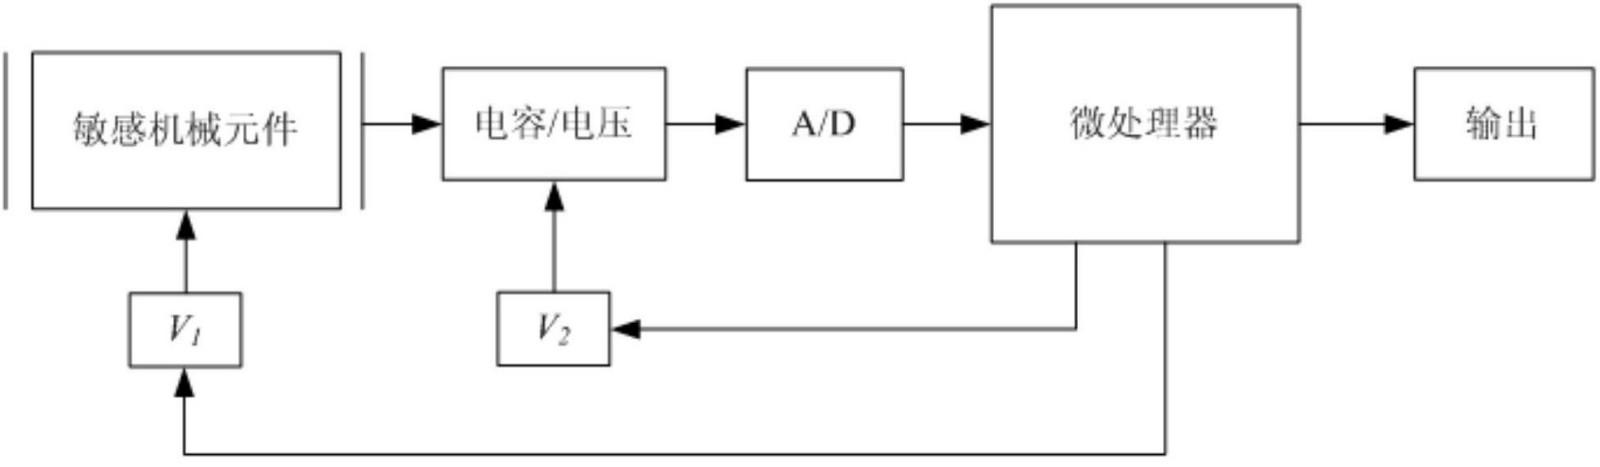 为解决上述技术问题,本发明提供一种自动量程的MEMS电容式传感器,其特征是,包括MEMS敏感模块、电容/电压转换模块、A/D模块和微处理器;MEMS敏感模块包括由敏感可动结构和固定极板构成的电容;敏感可动结构敏感检测待测物理量产生的机械形变;电容/电压转换模块将电容变化量转换为电压信号;A/D模块采样电容/电压转换模块输出的电压信号后输出给微处理器;由微处理器根据接收的数据判断当前A/D模块输出数据是否在设定范围内;即当前量程是否合适;若当前量程合适,则微处理器计算并输出测量结果;若当前量程不合适,则